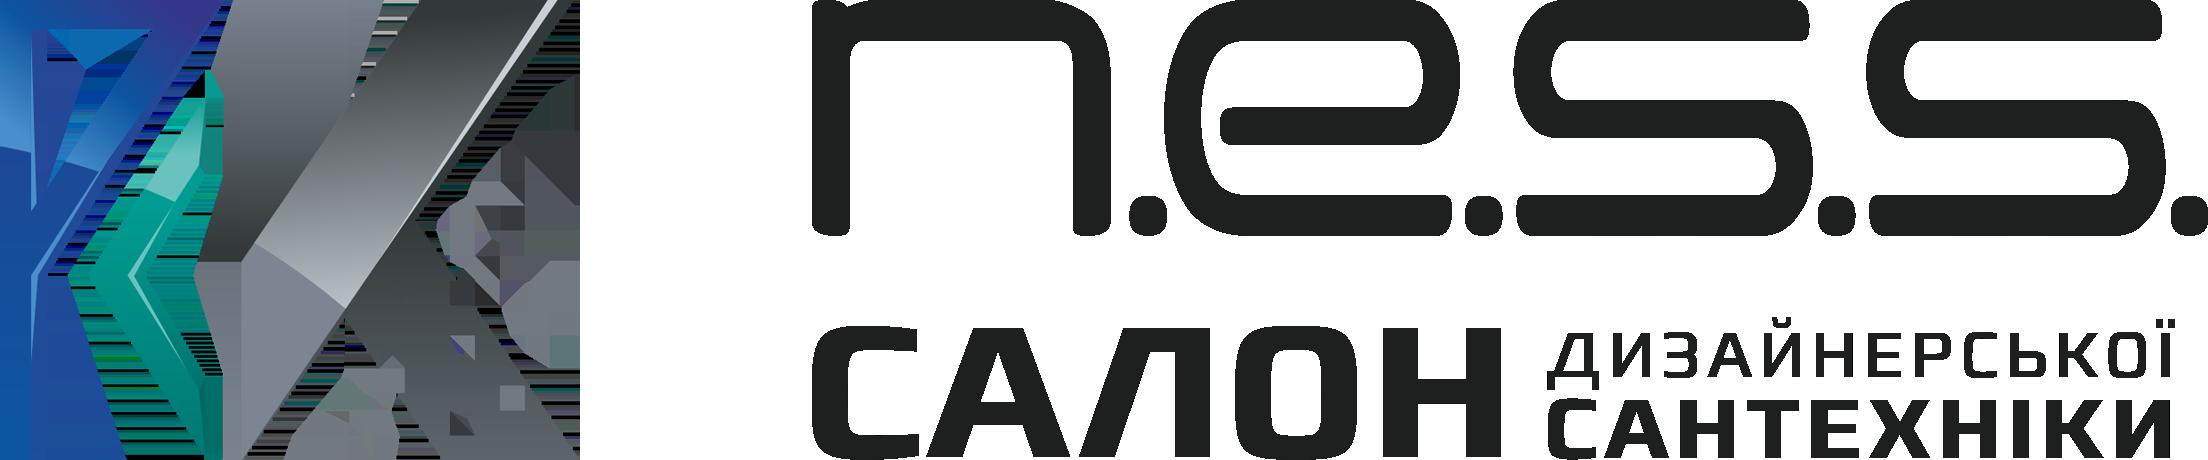 MARMORIN.kiev.ua - оптовая торговля плиткой и сантехникой.